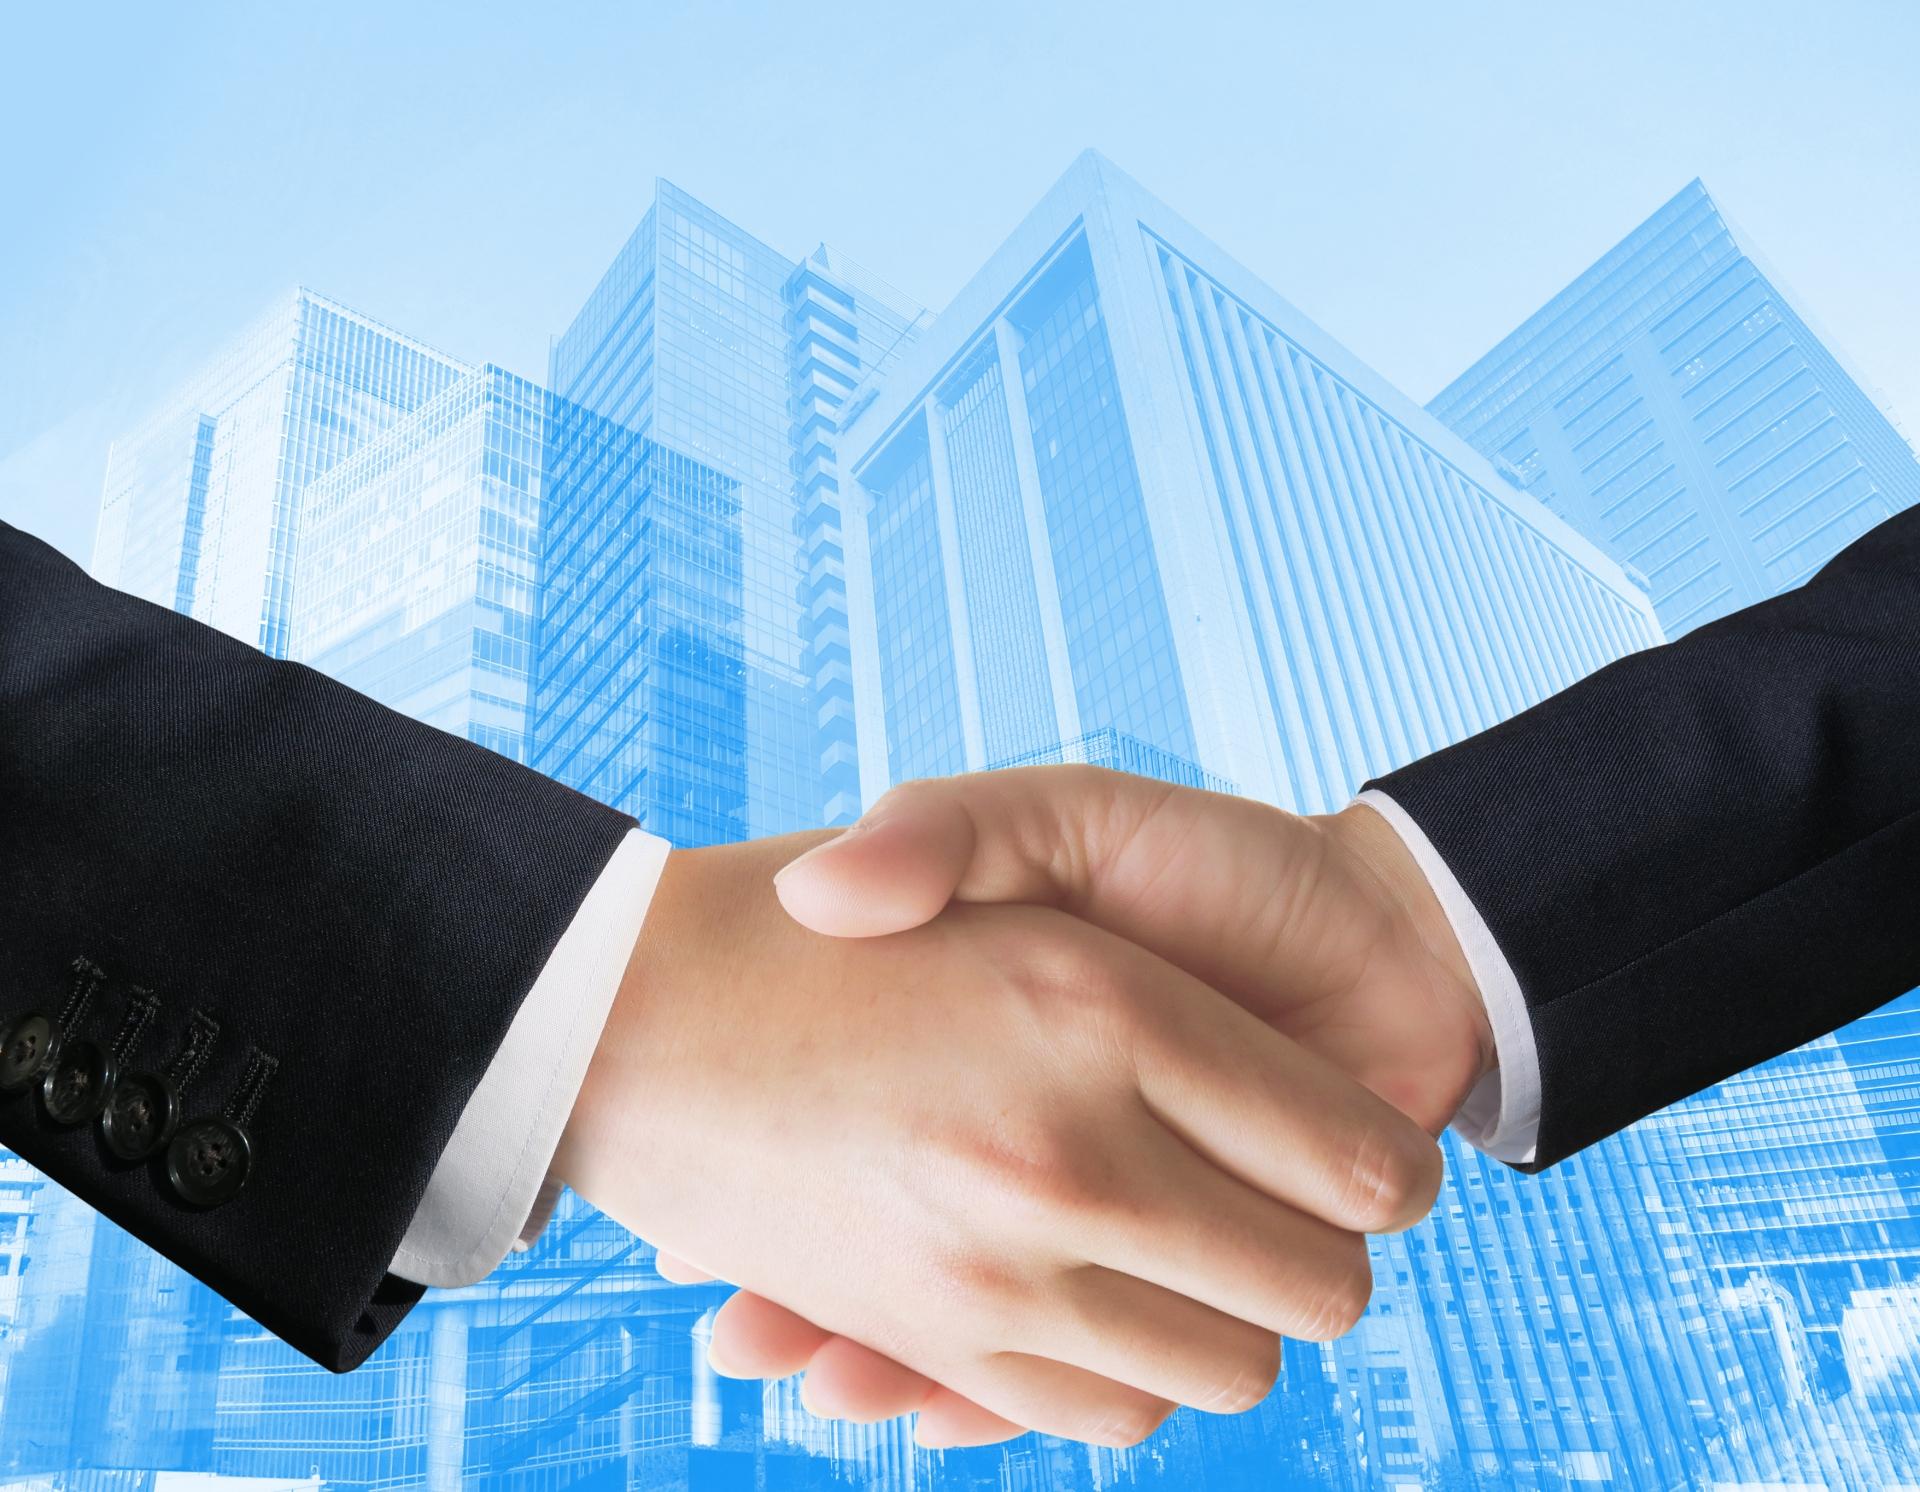 雇用保険は、従業員を一人でも雇用したら適用事業所設置届の提出が必要